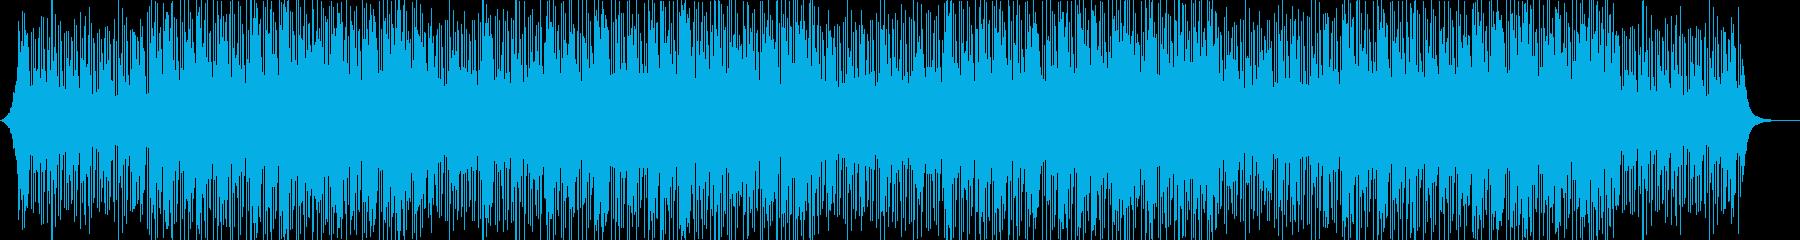 会社紹介、コーポレート、爽やか、シンプルの再生済みの波形